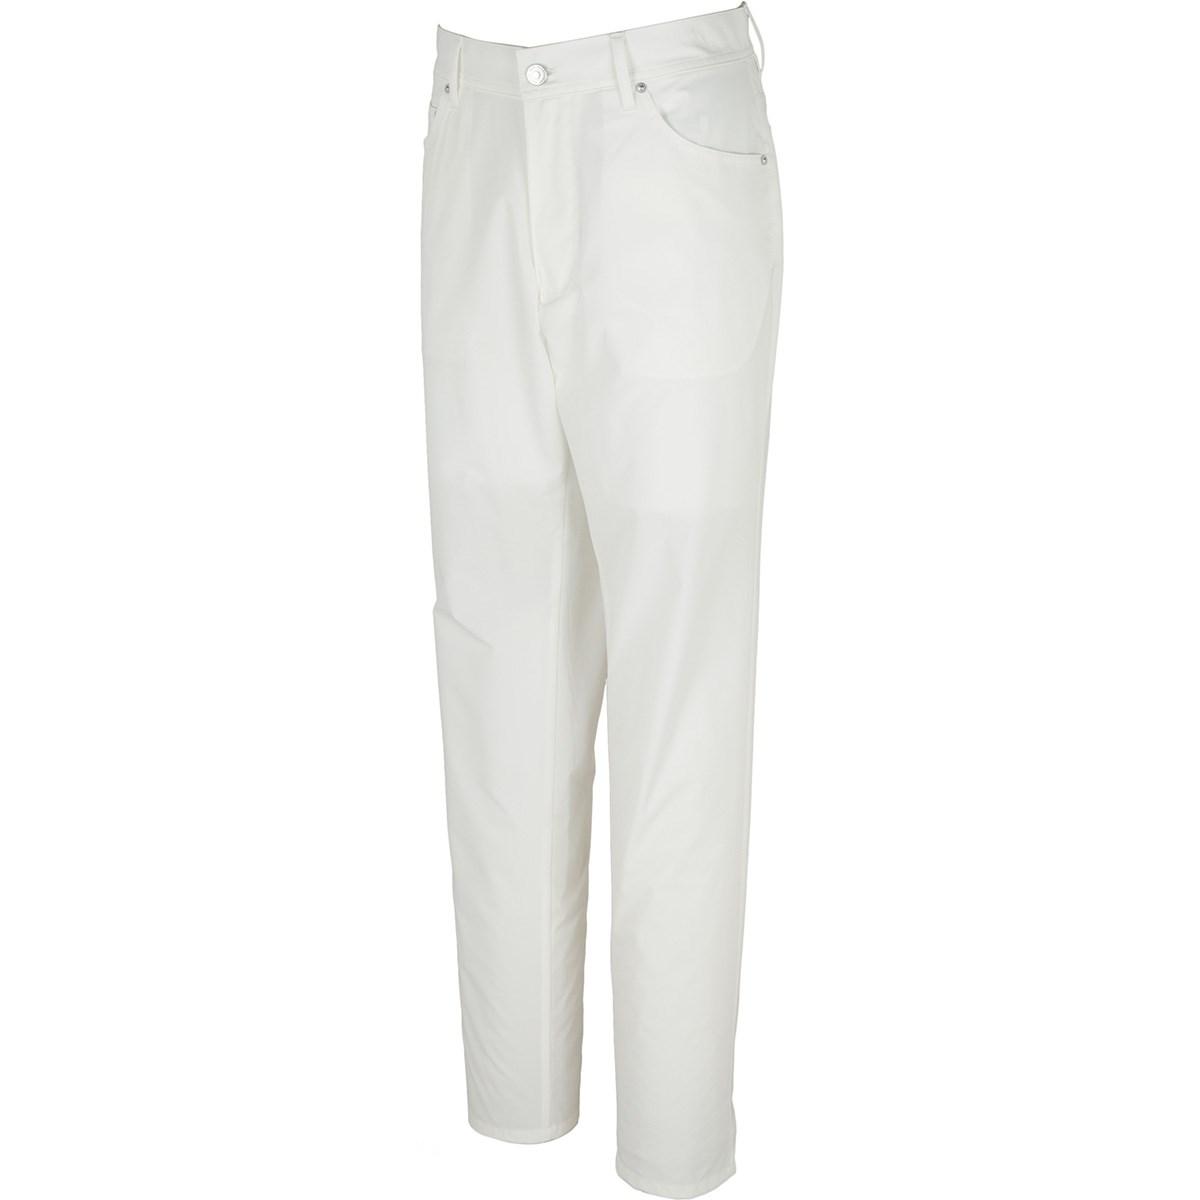 ジュン アンド ロペ JUN & ROPE ストレッチ 5ポケットパンツ L ホワイト 10